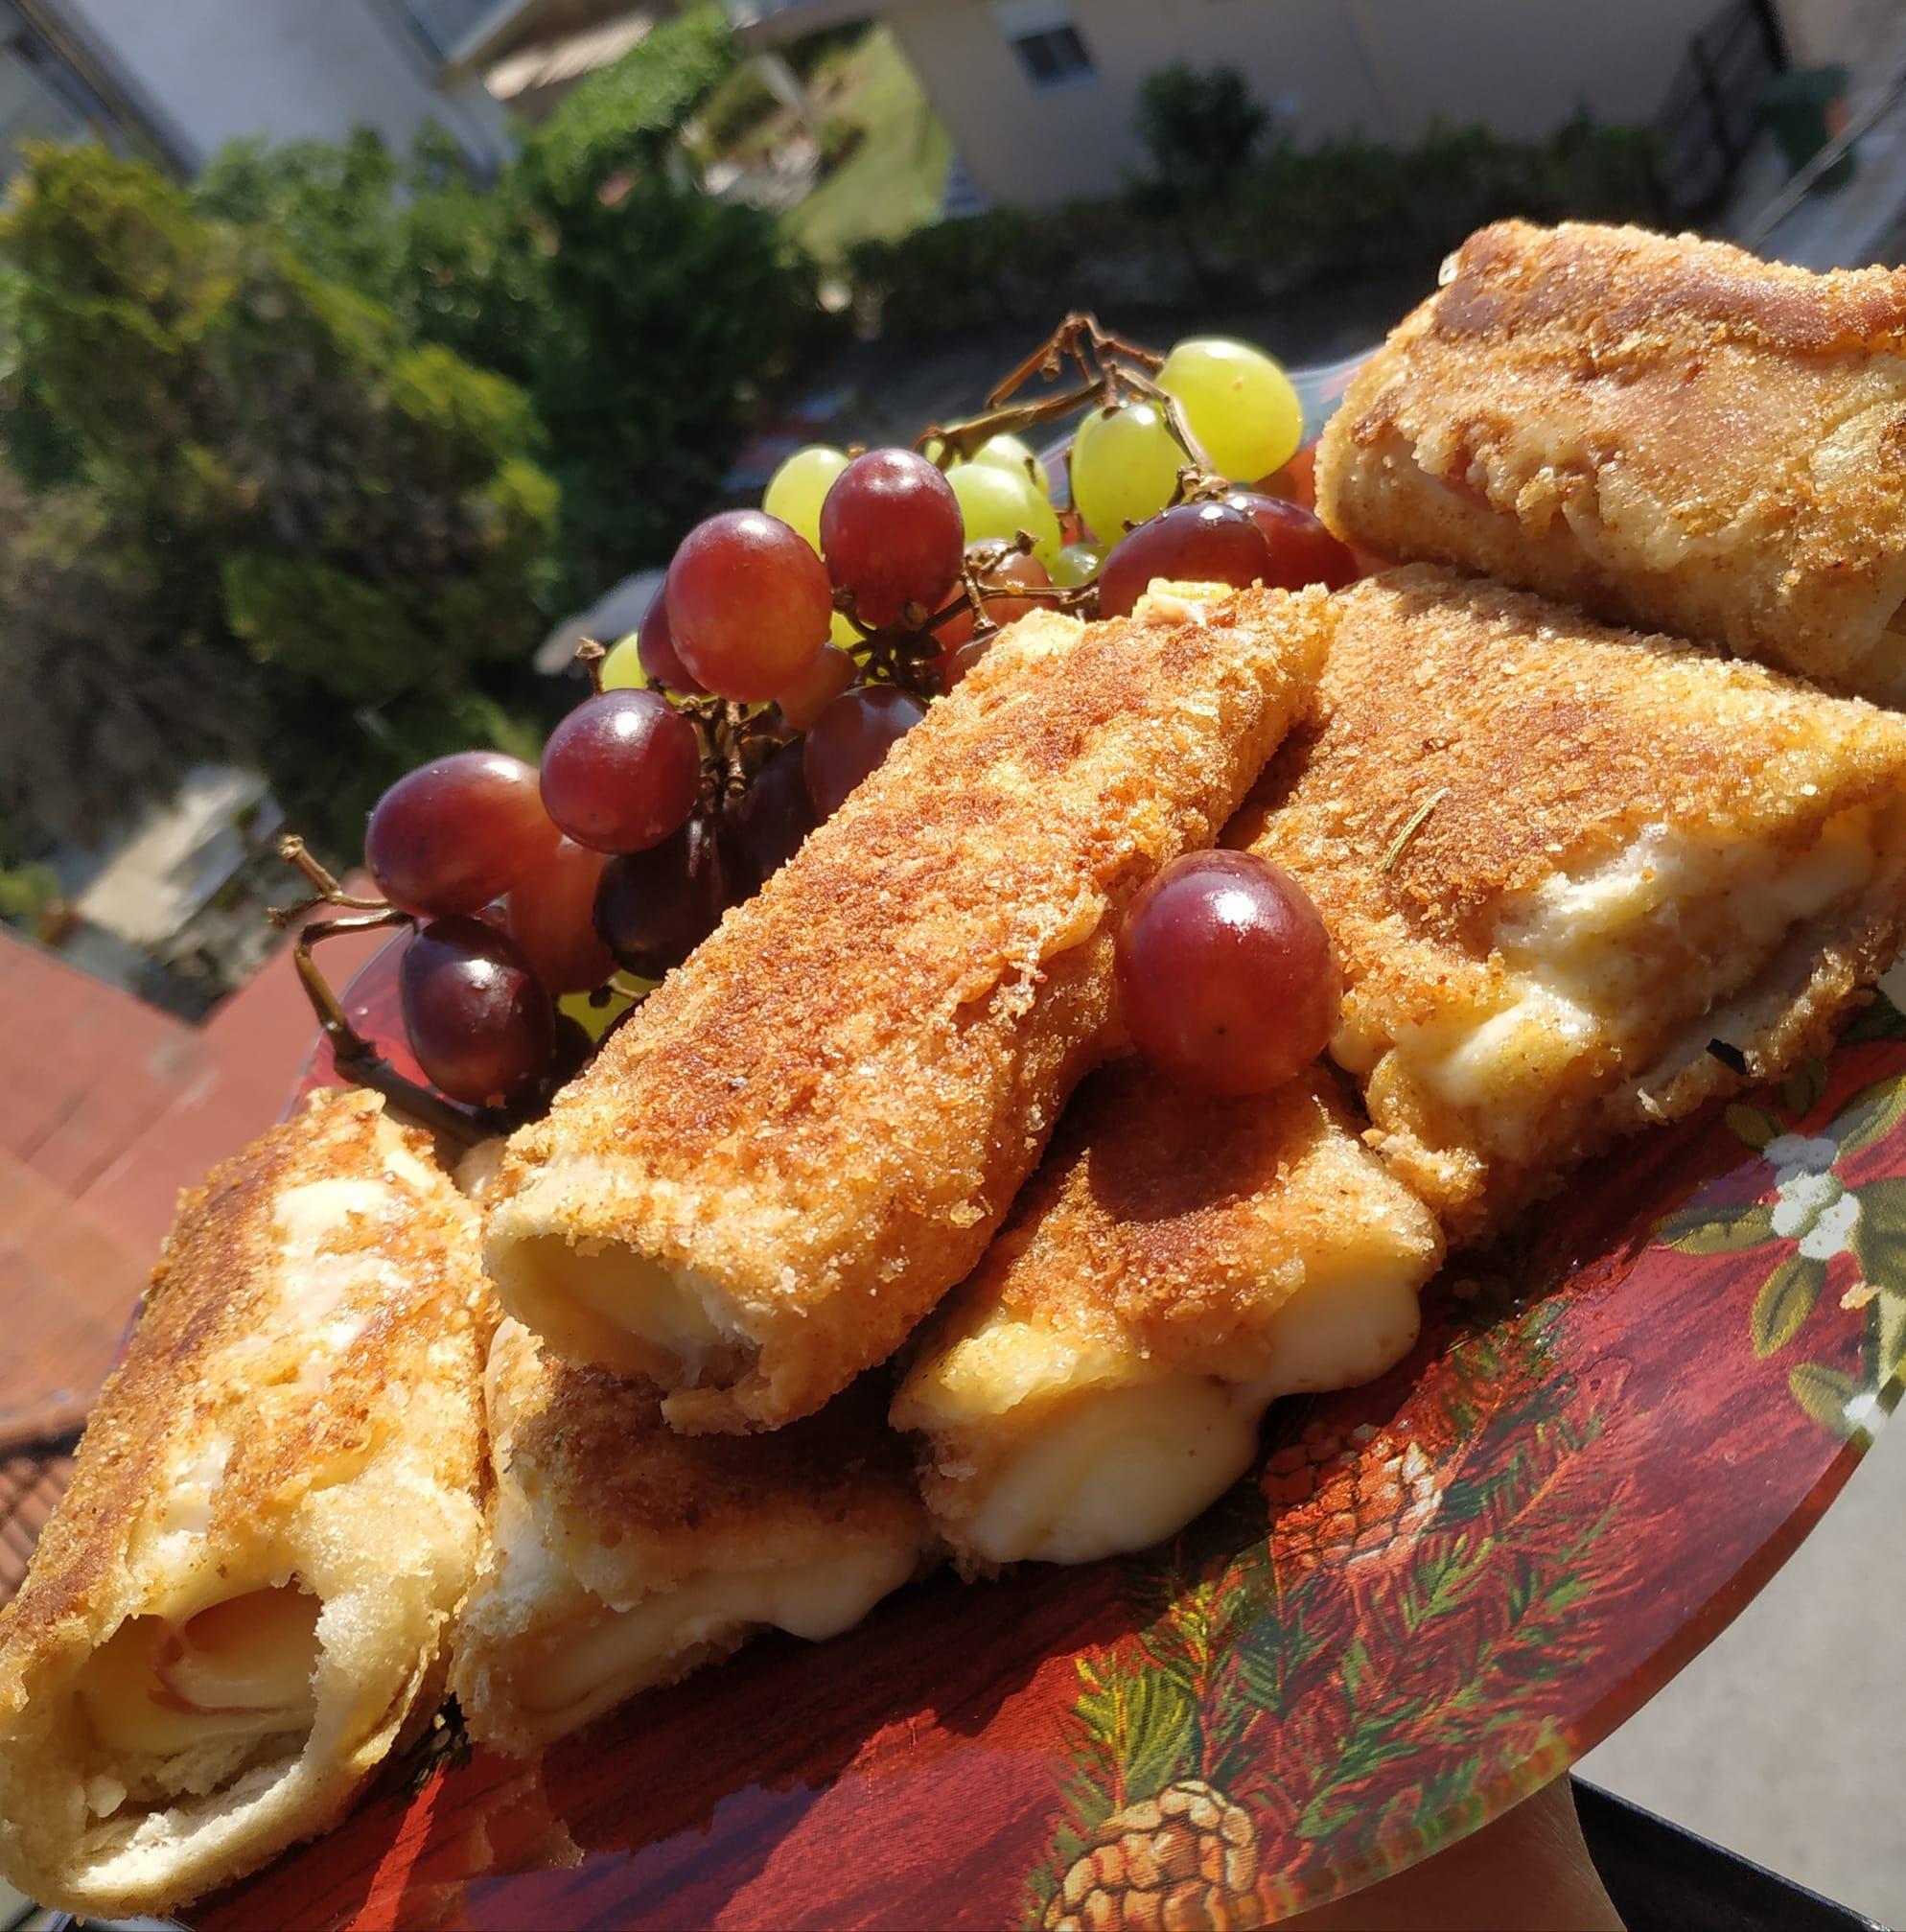 Ρολάκια με ψωμί του τόστ, τυρί κρέμα και αλλαντικά